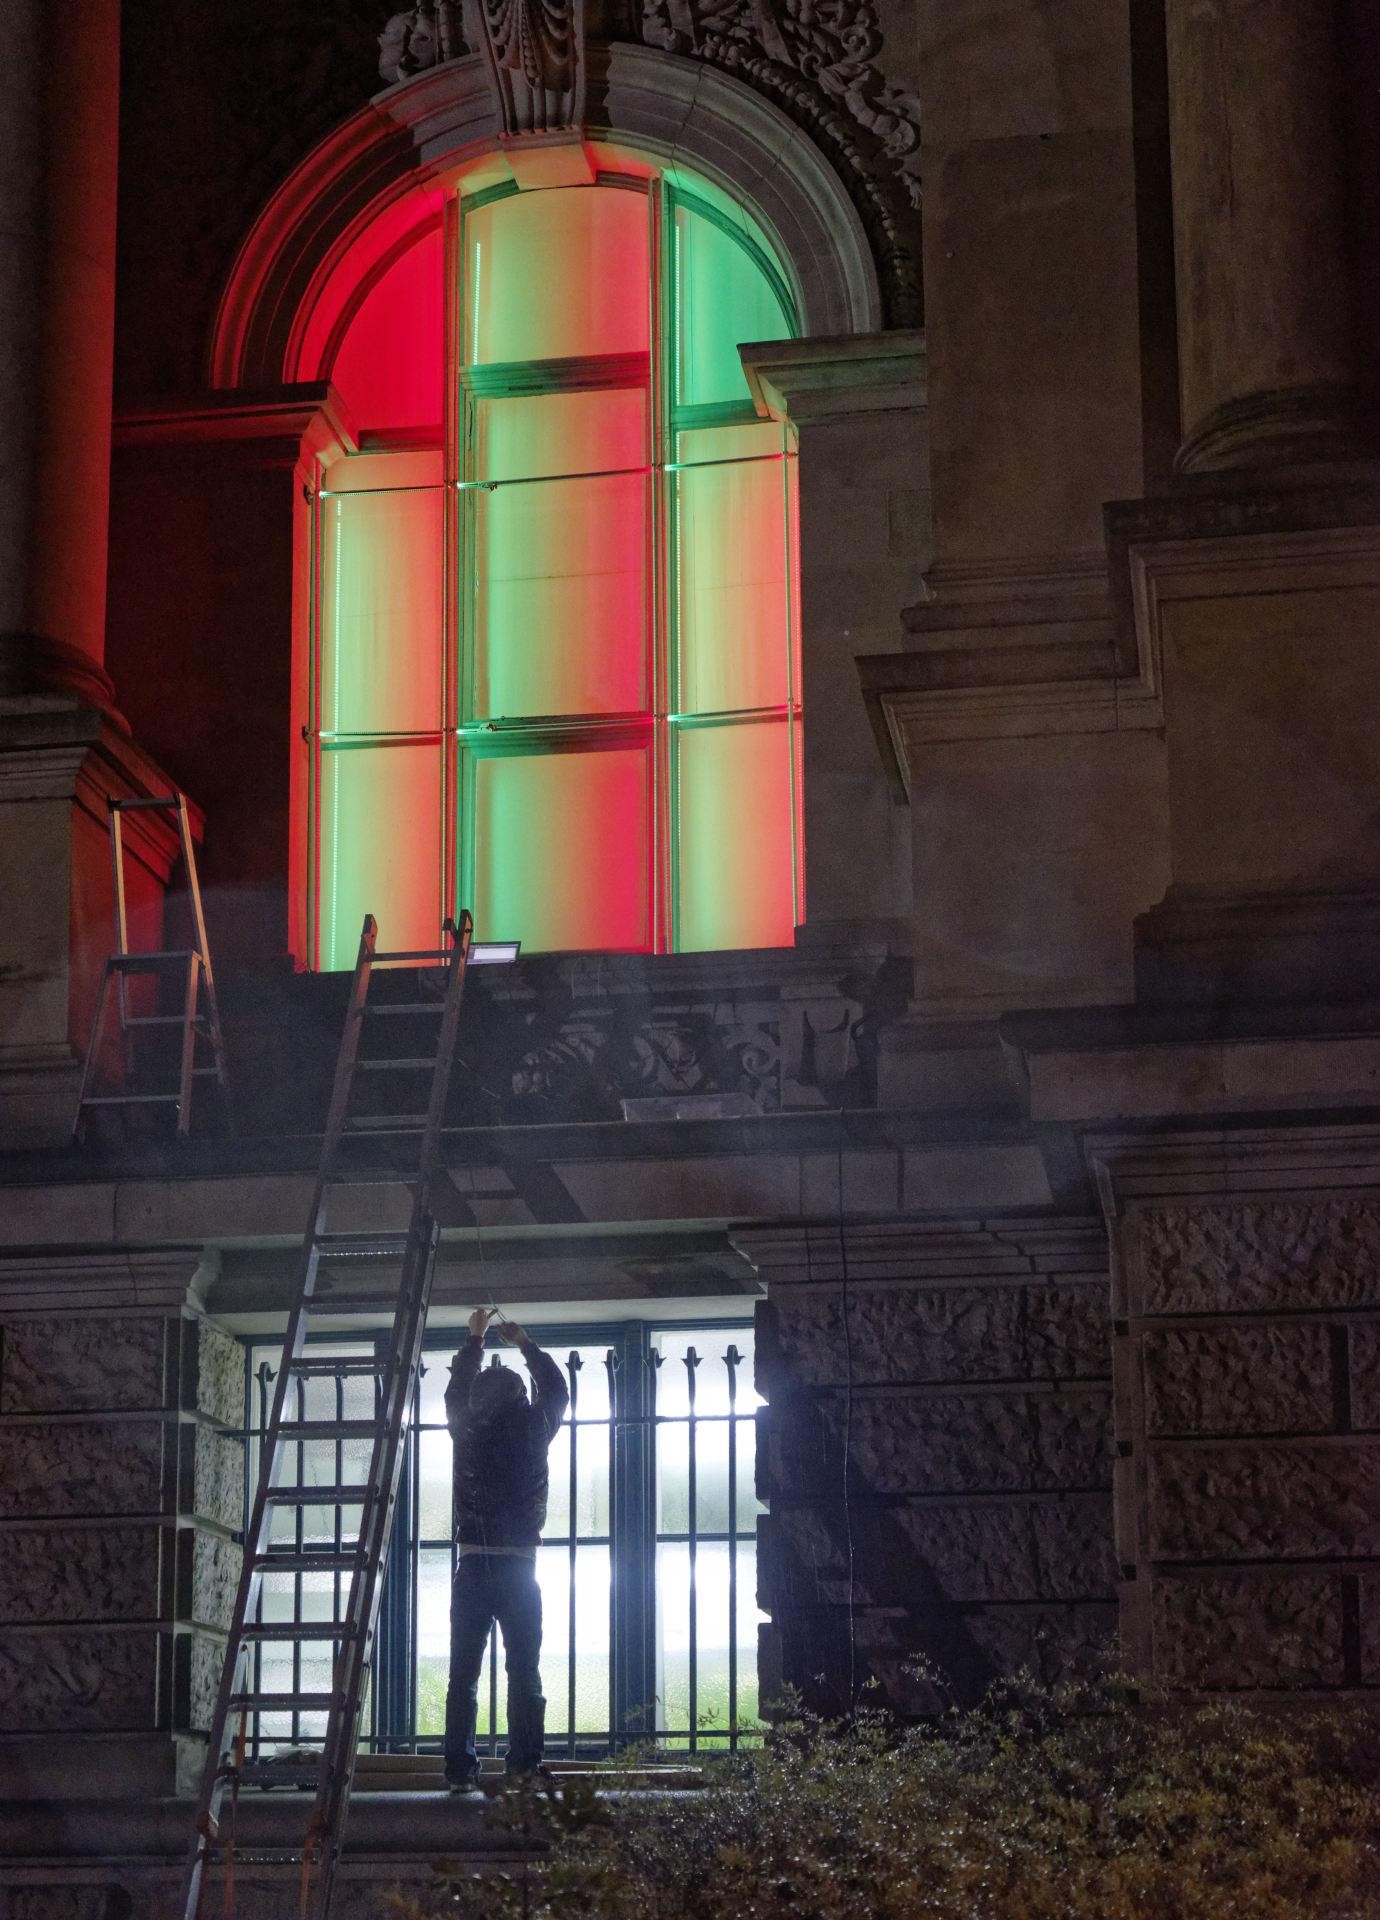 daniel_hausig_farbdepesche_#1_2014_light-installation